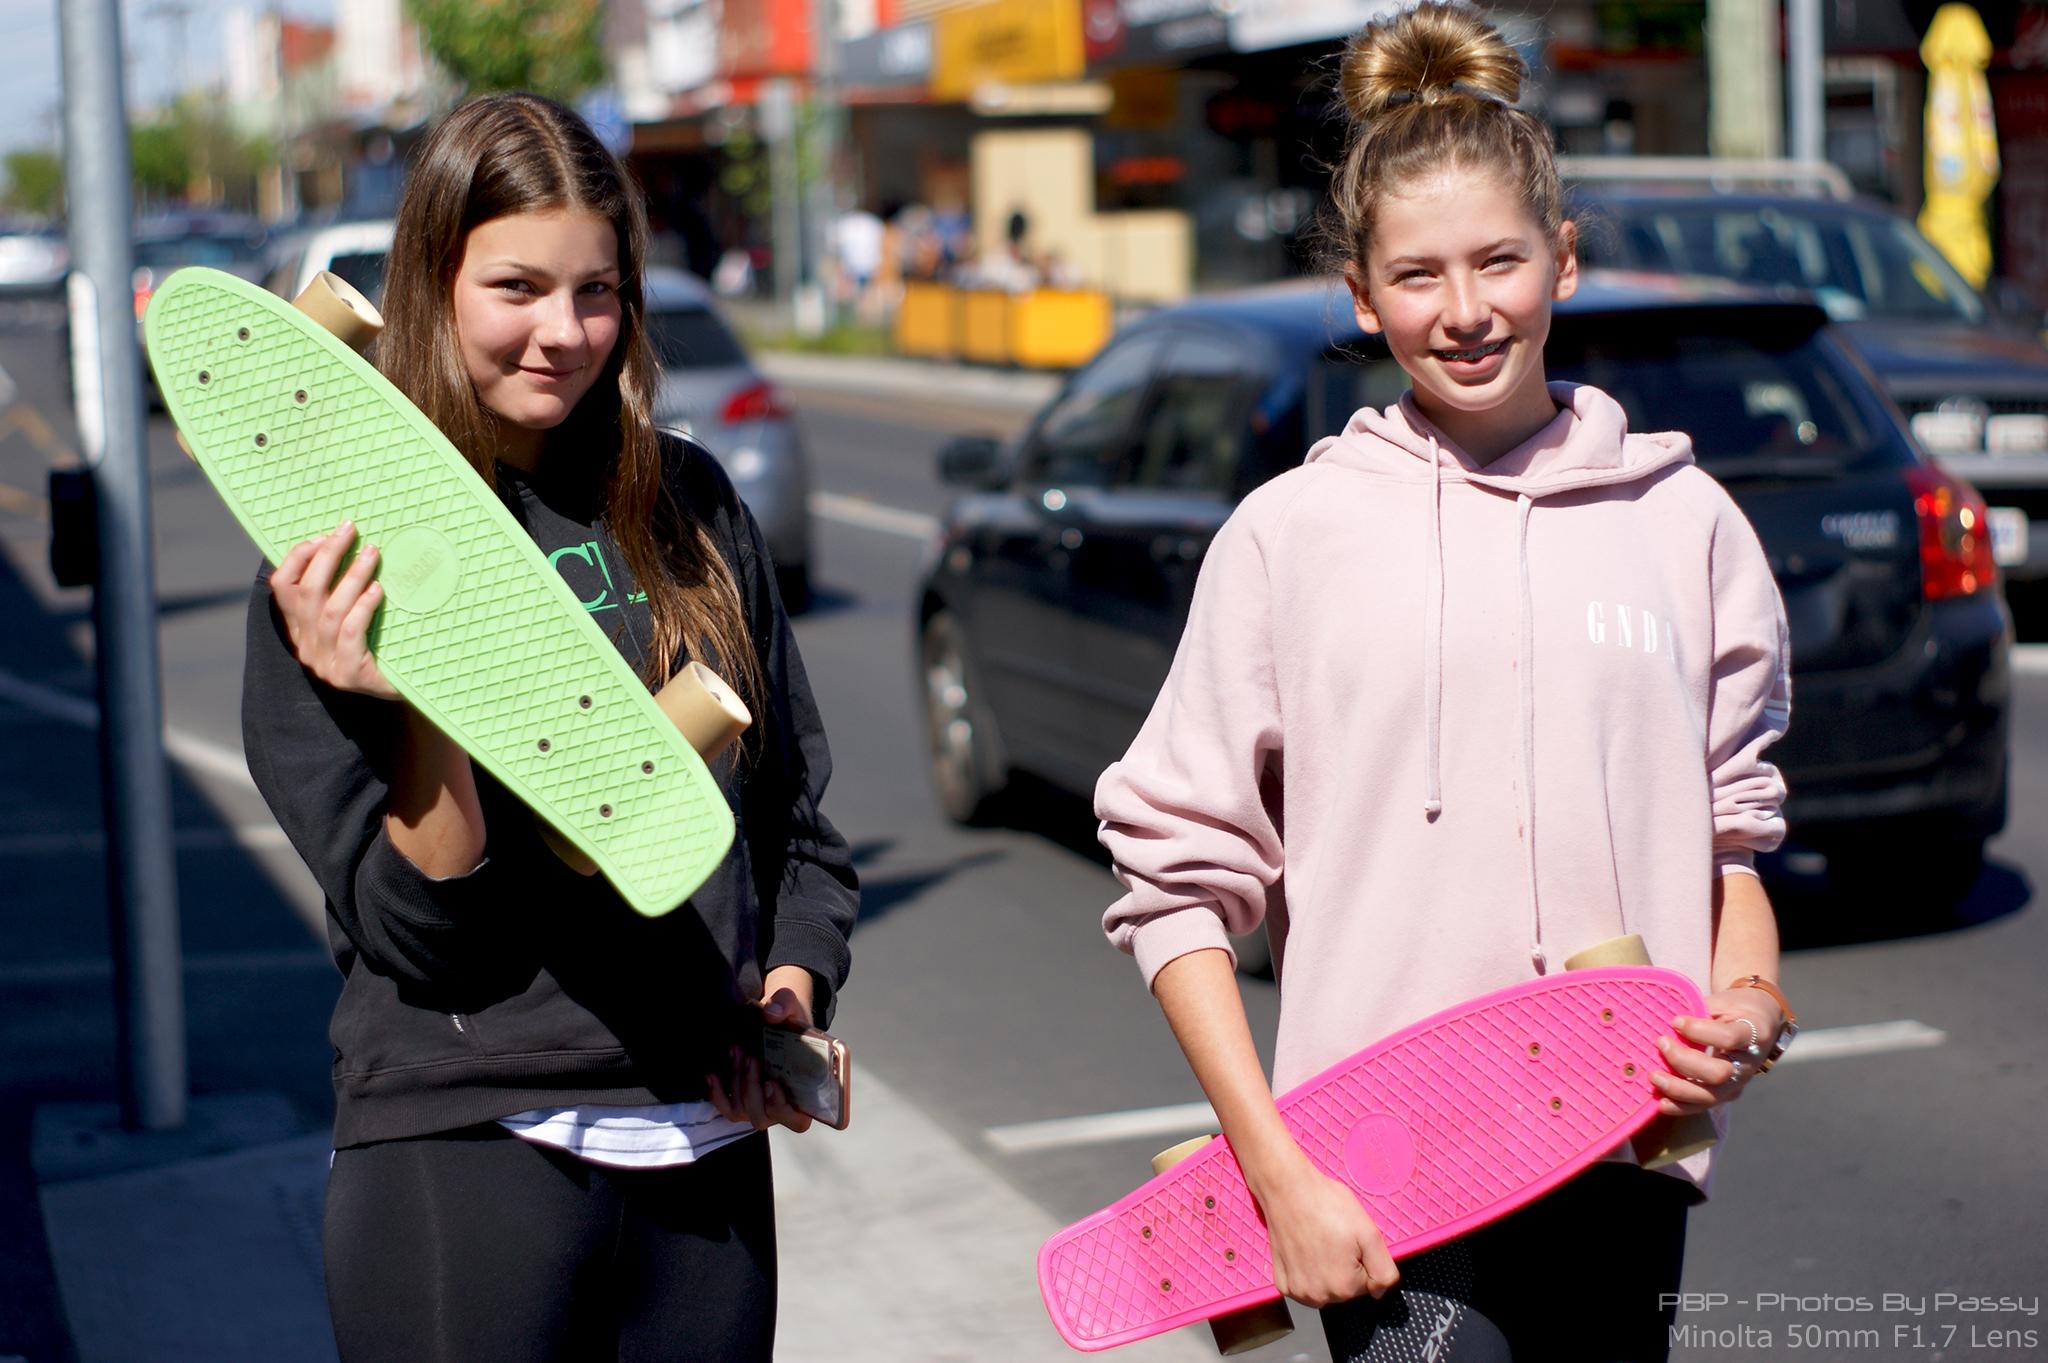 Minolta 50mm Prime Lens Skater Girls 11